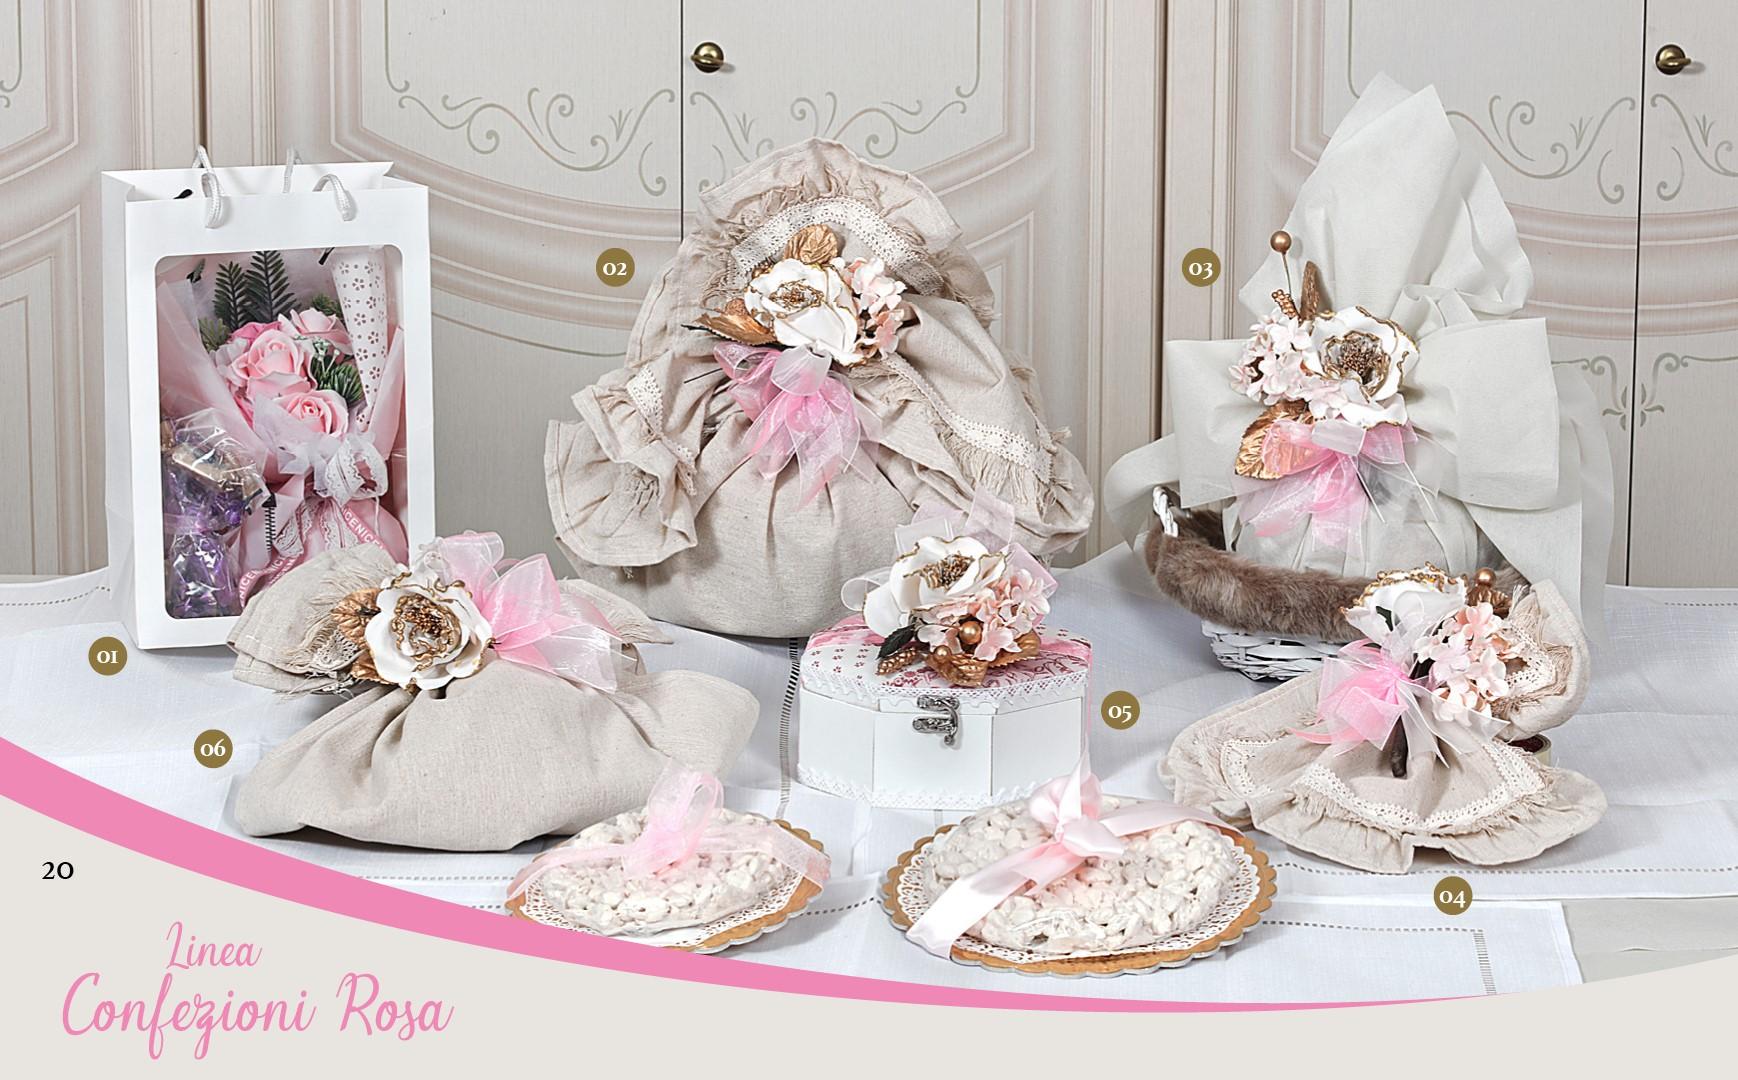 gli-speziali-di-cologna-veneta-mandorlato-panettone-cioccolato-confezioni-regalo-natale-2019-linea-confezioni-rosa.jpg